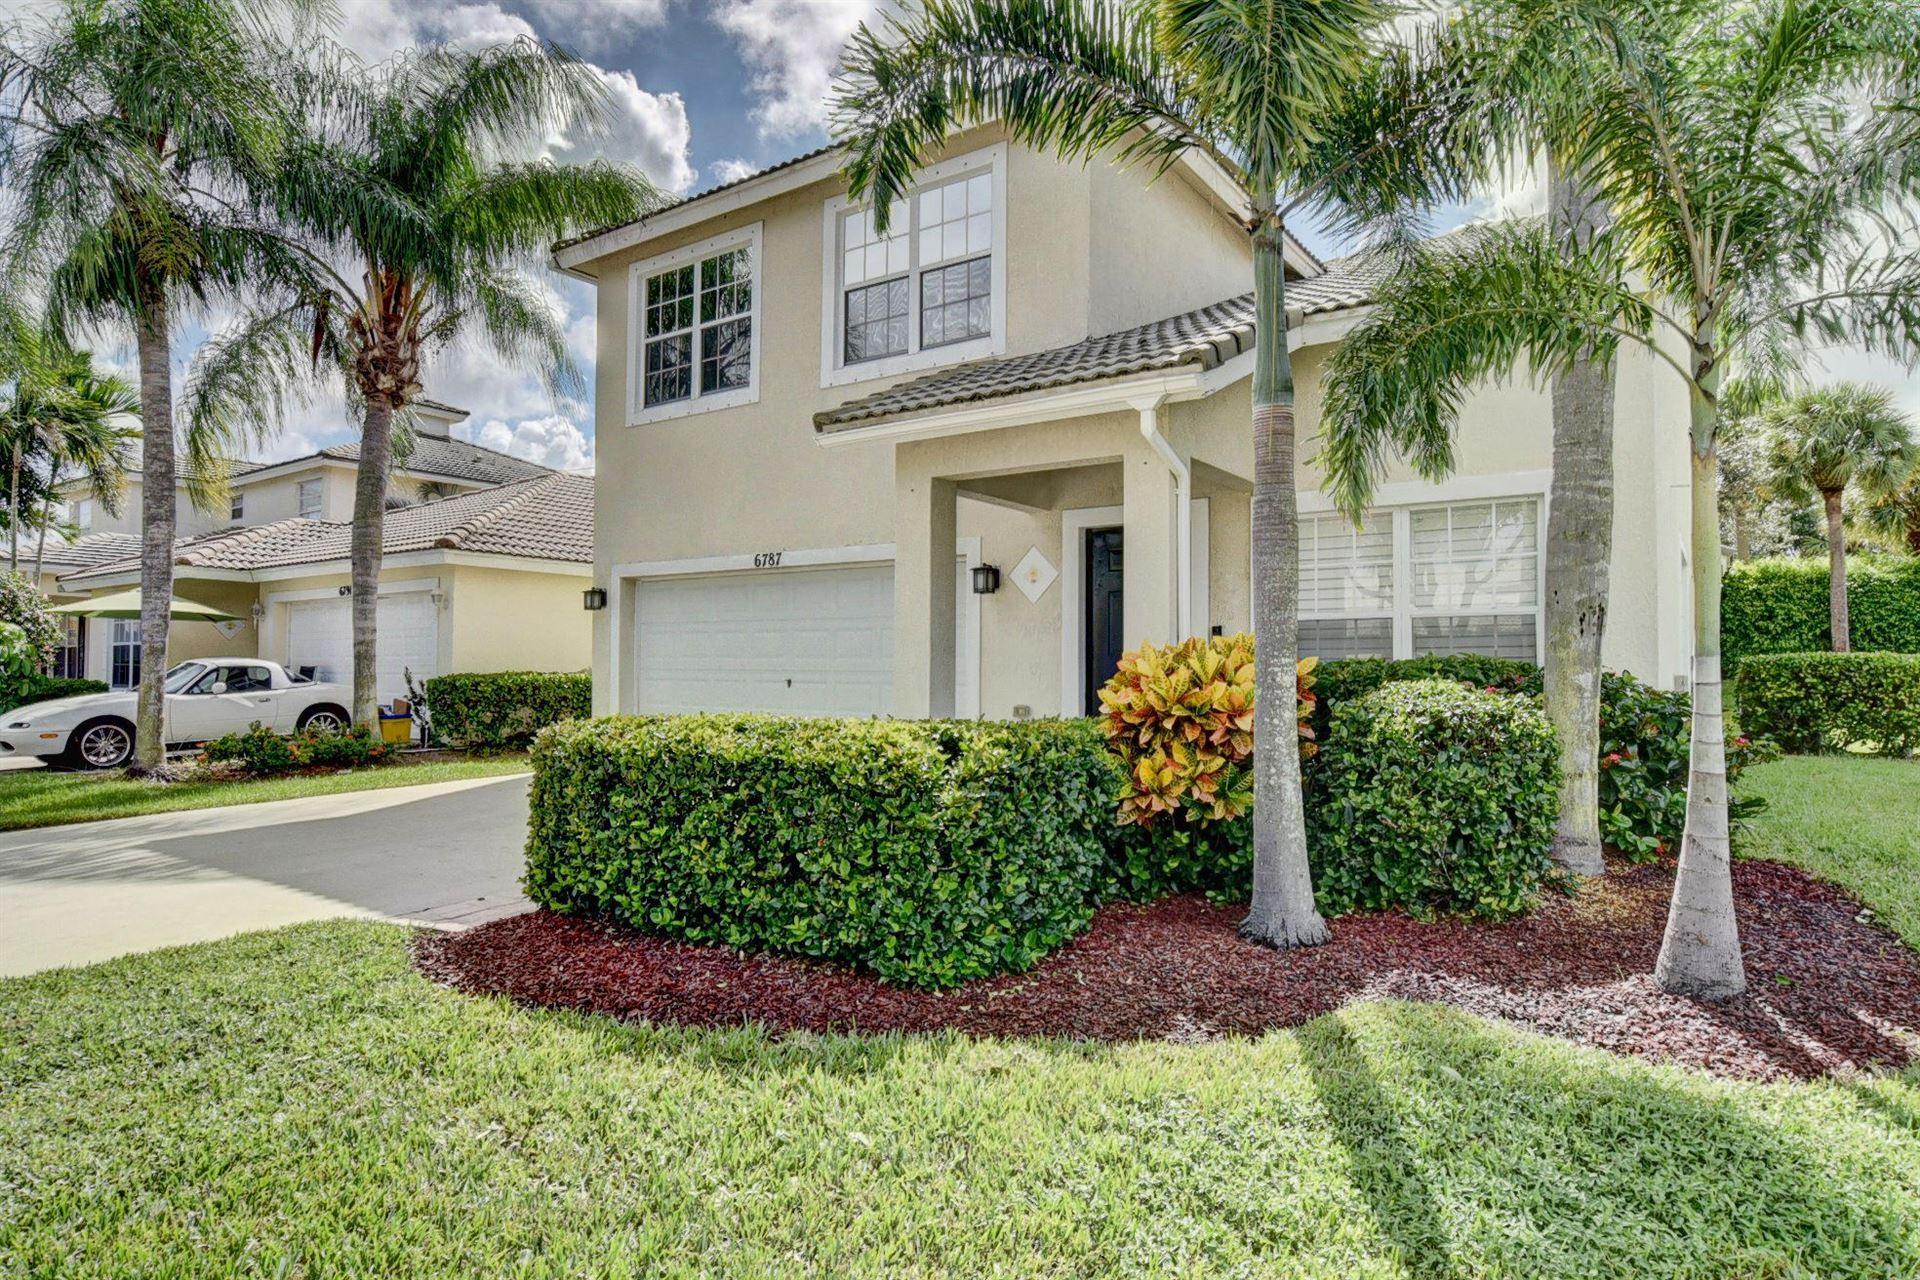 6787 Lantern Key Drive, Lake Worth, FL 33463 - #: RX-10656016